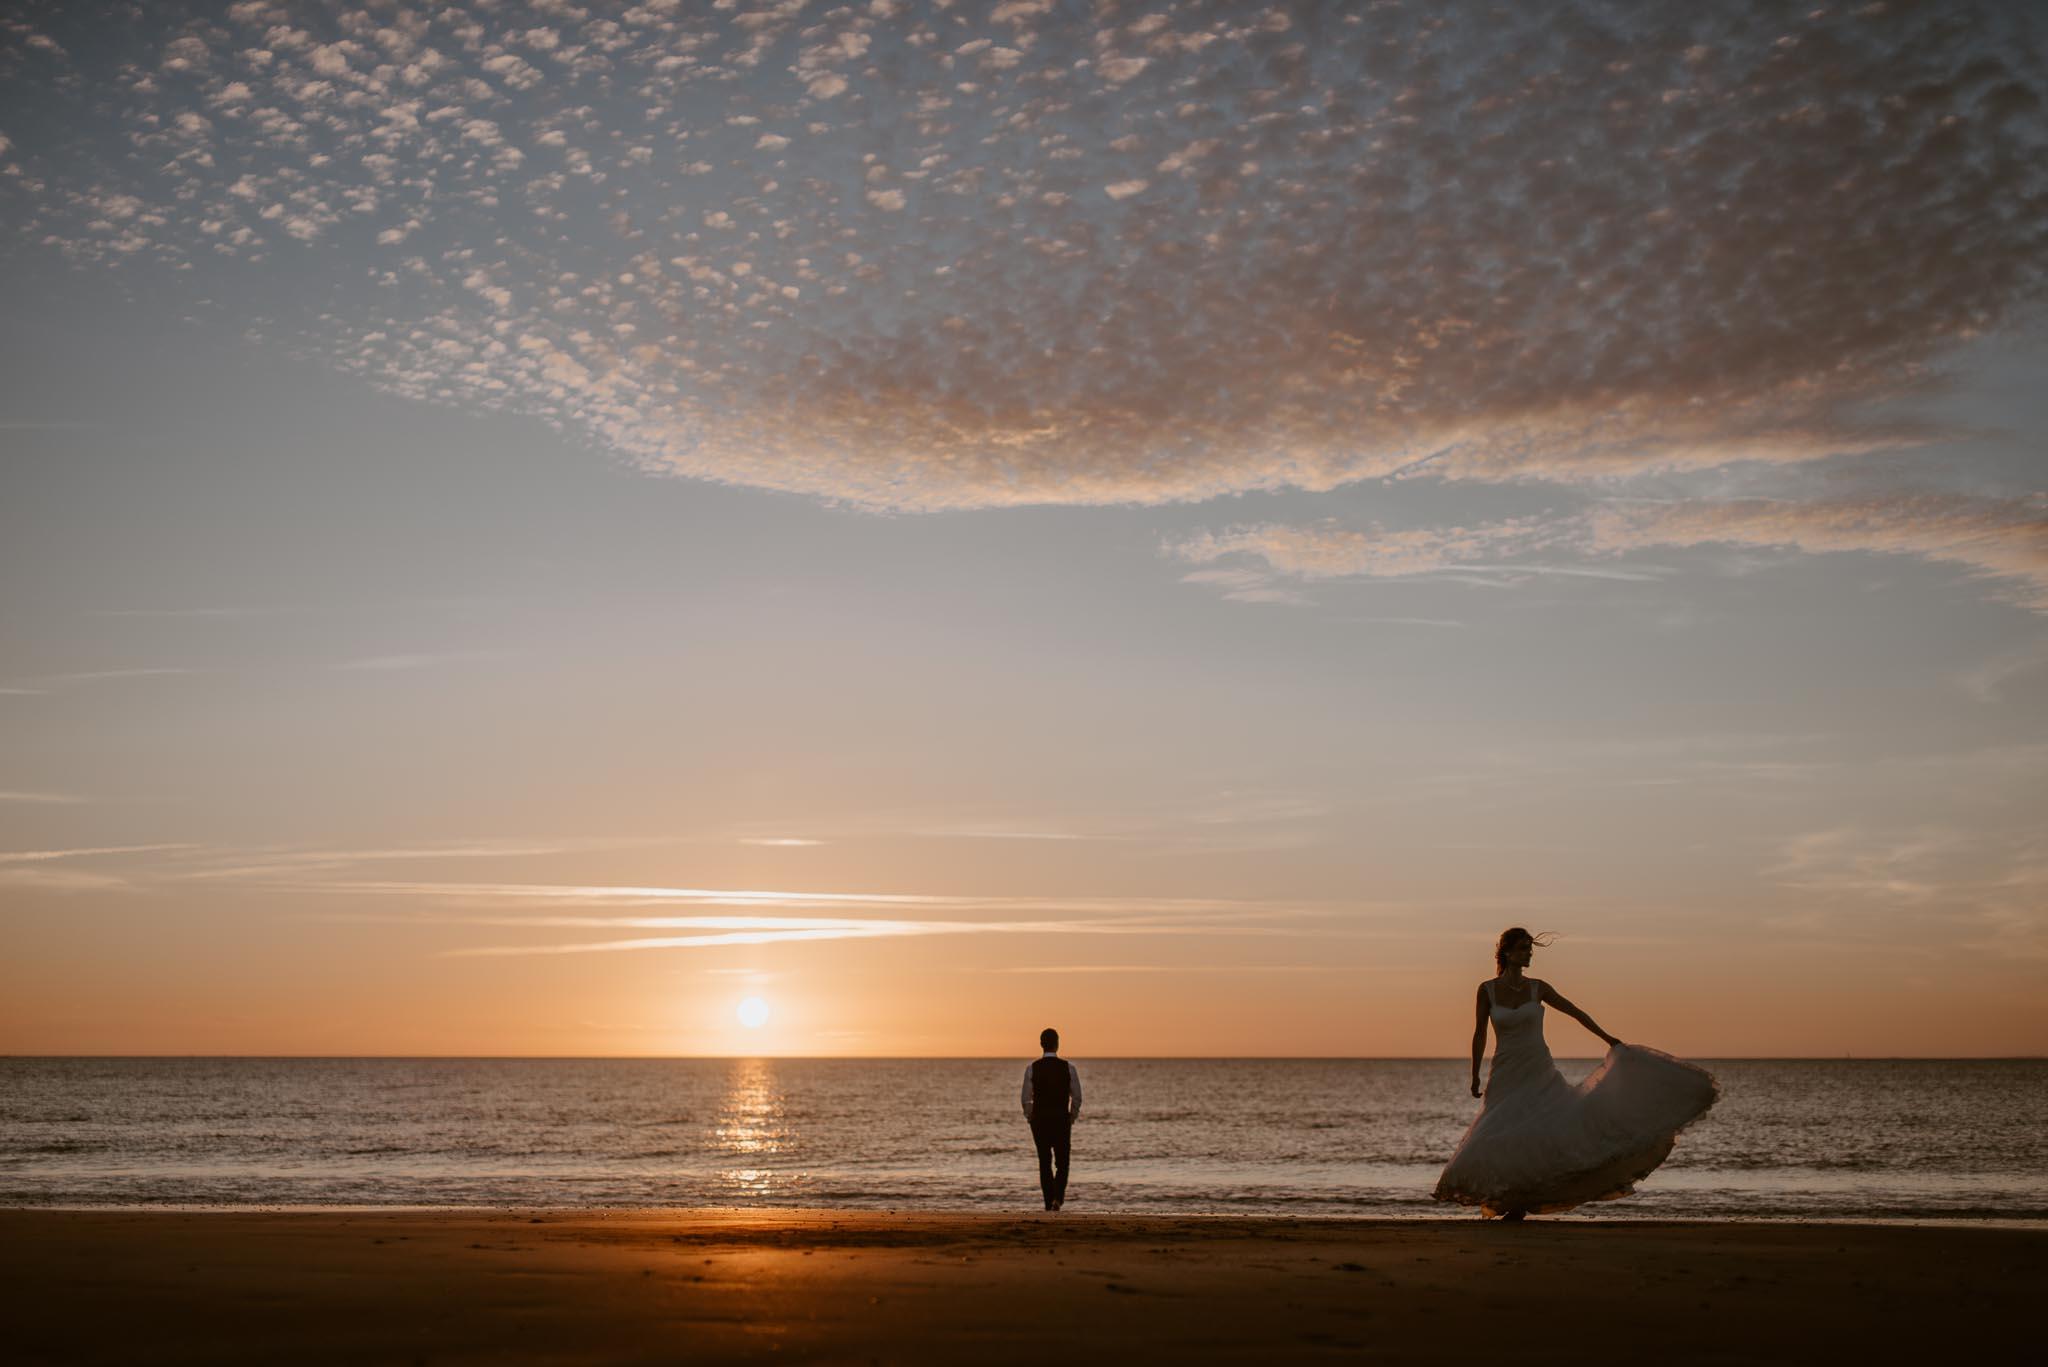 Séance couple après mariage mise en scène poétique et romantique sur la plage à Pornic au coucher de soleil par Geoffrey Arnoldy photographe